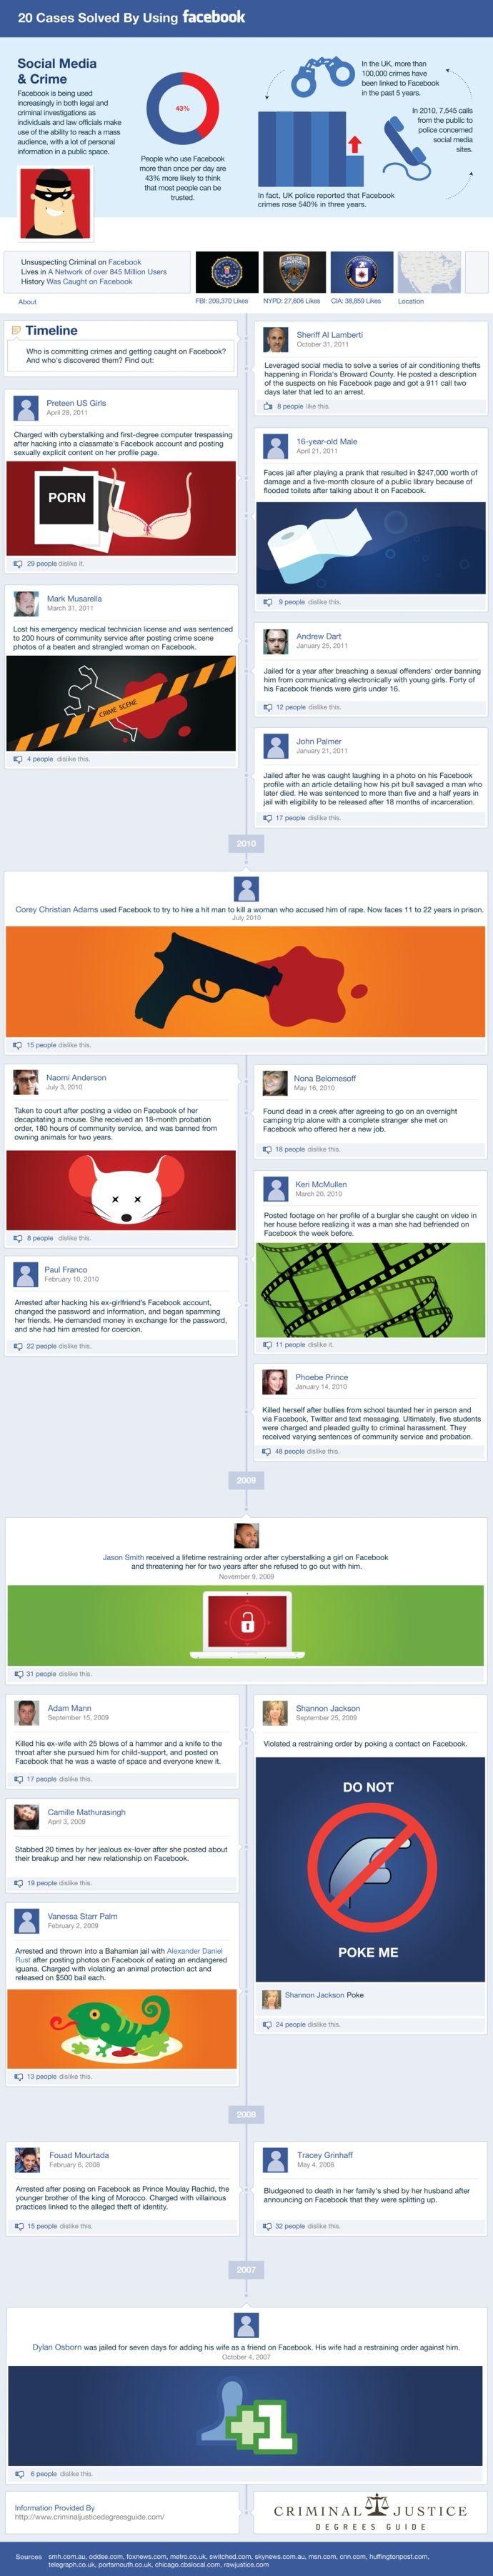 Infografías/Social Media. Casos resueltos en EE.UU con la ayuda de Facebook.